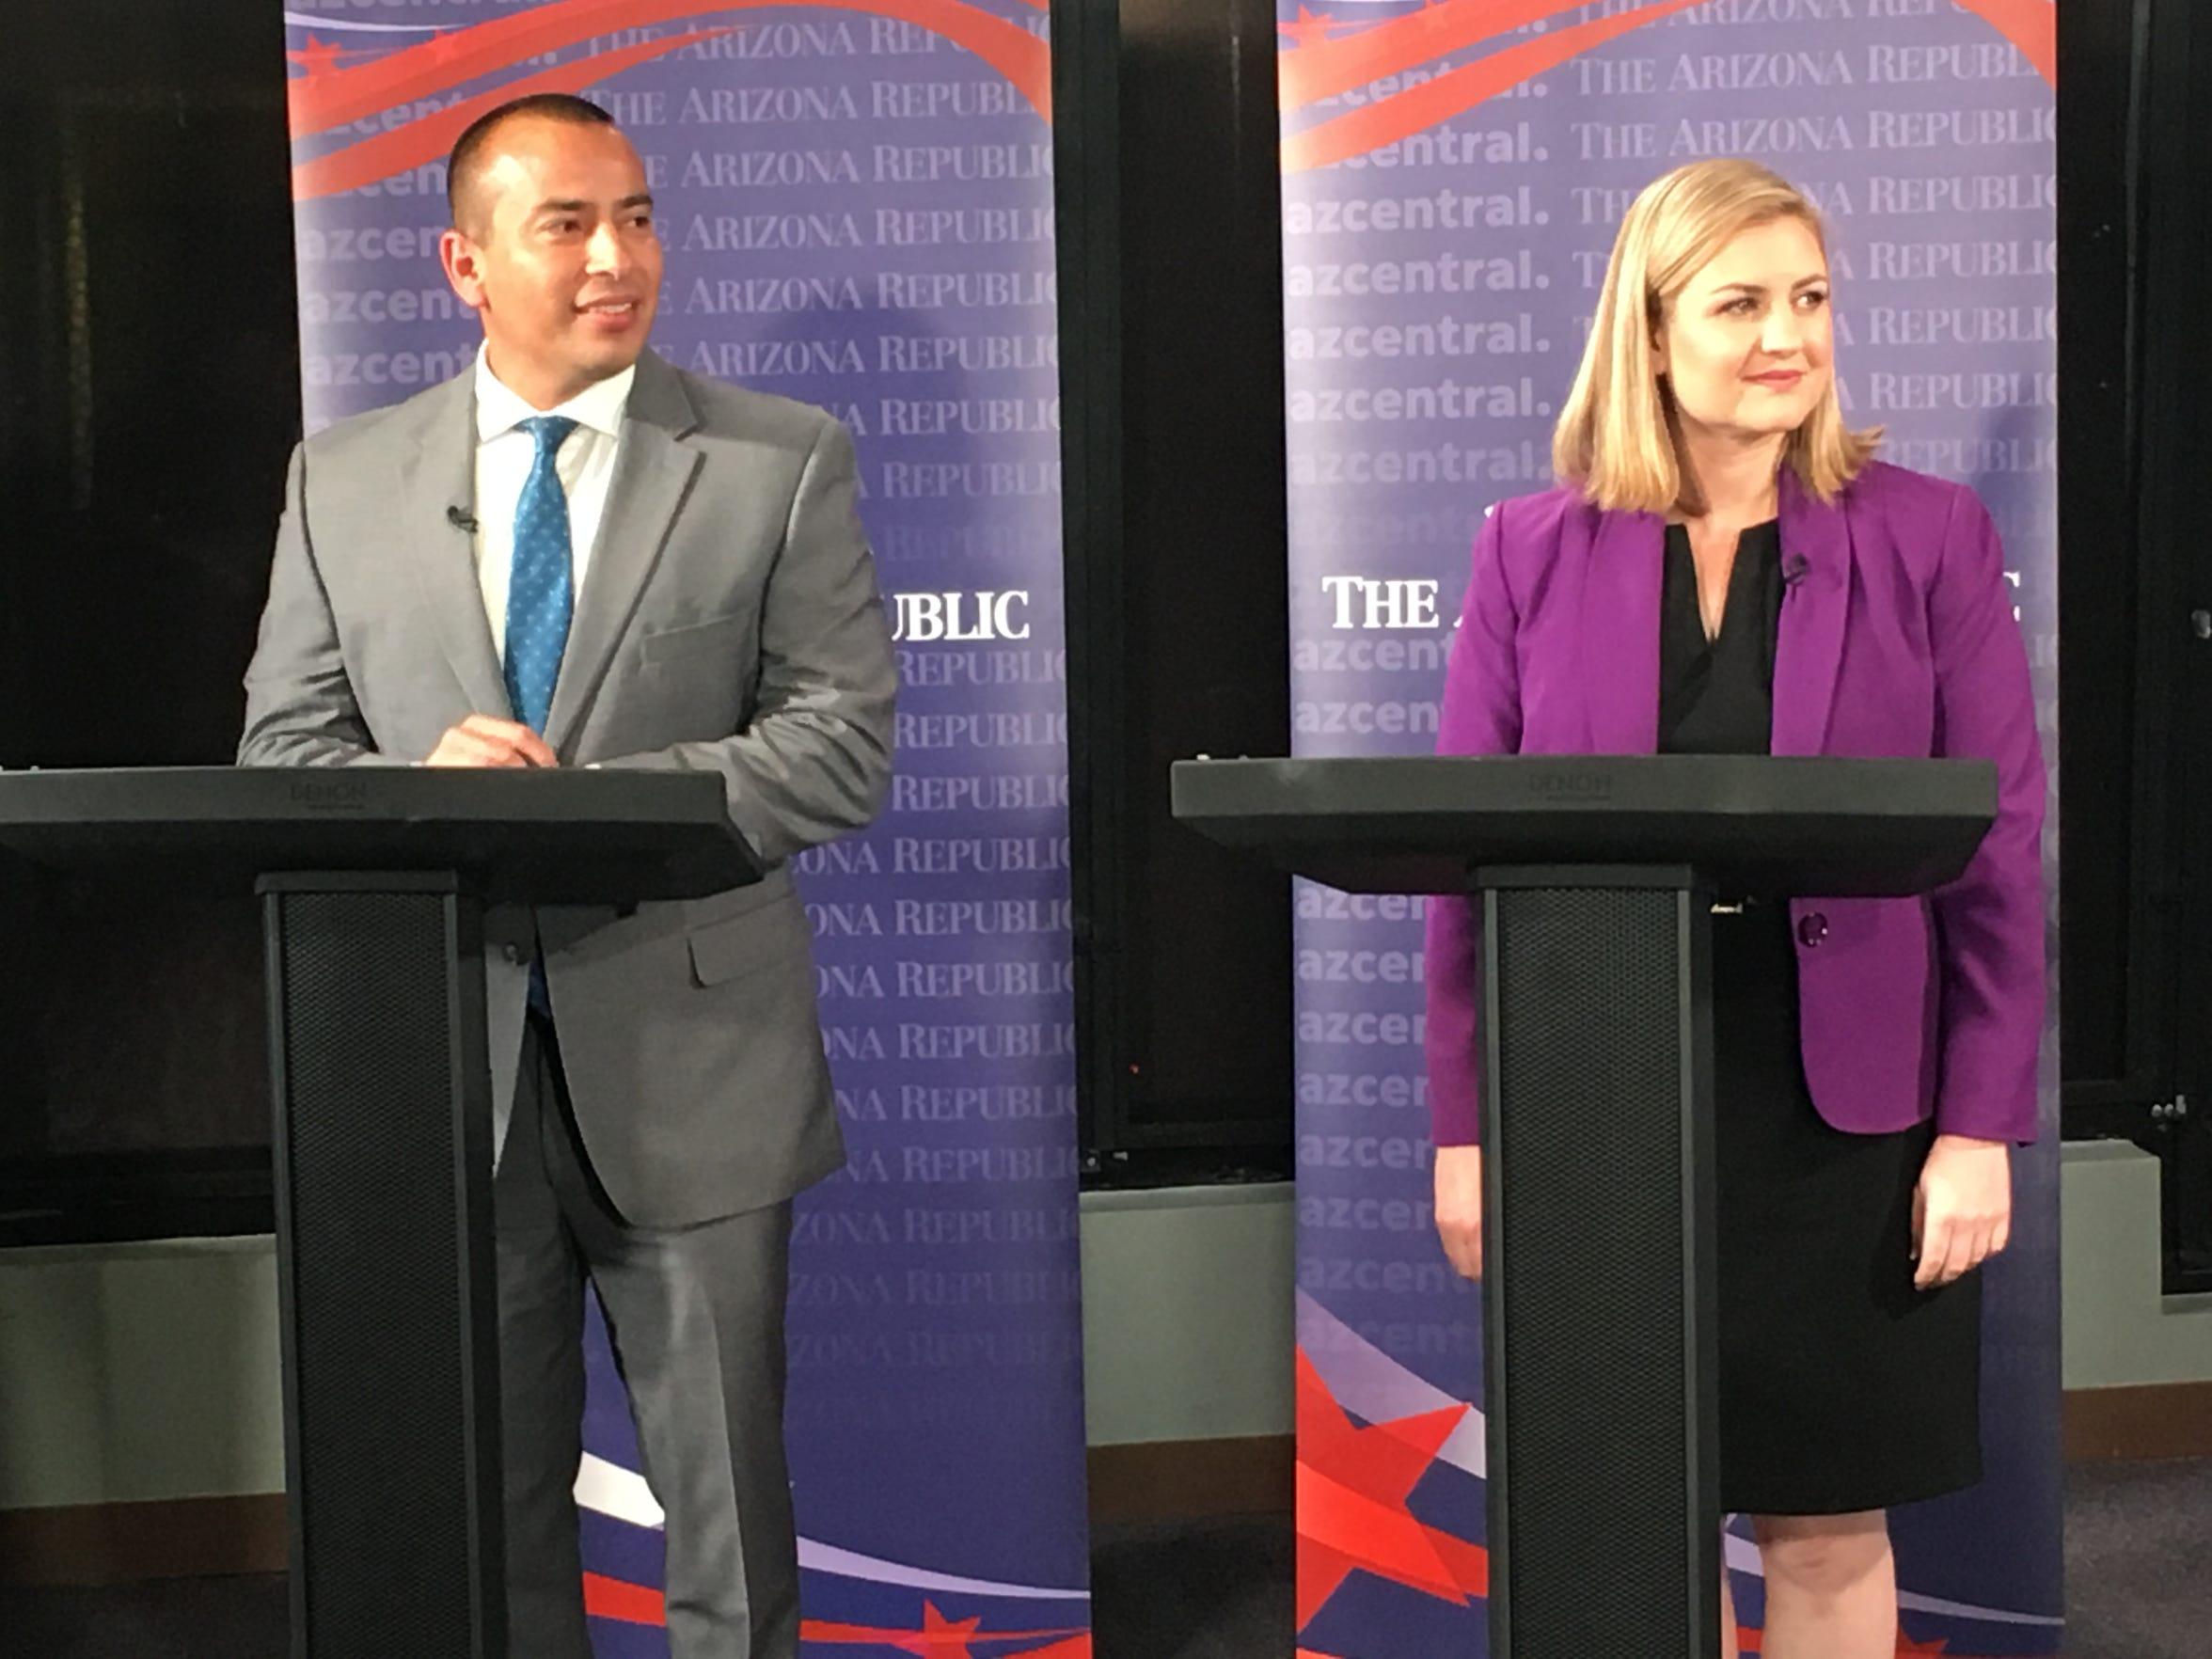 Los candidatos a alcalde de la Ciudad de Phoenix, Daniel Valenzuela y Kate Gallego, durante su debate el 13 de febrero del 2019 en el estudio de azcentral.com